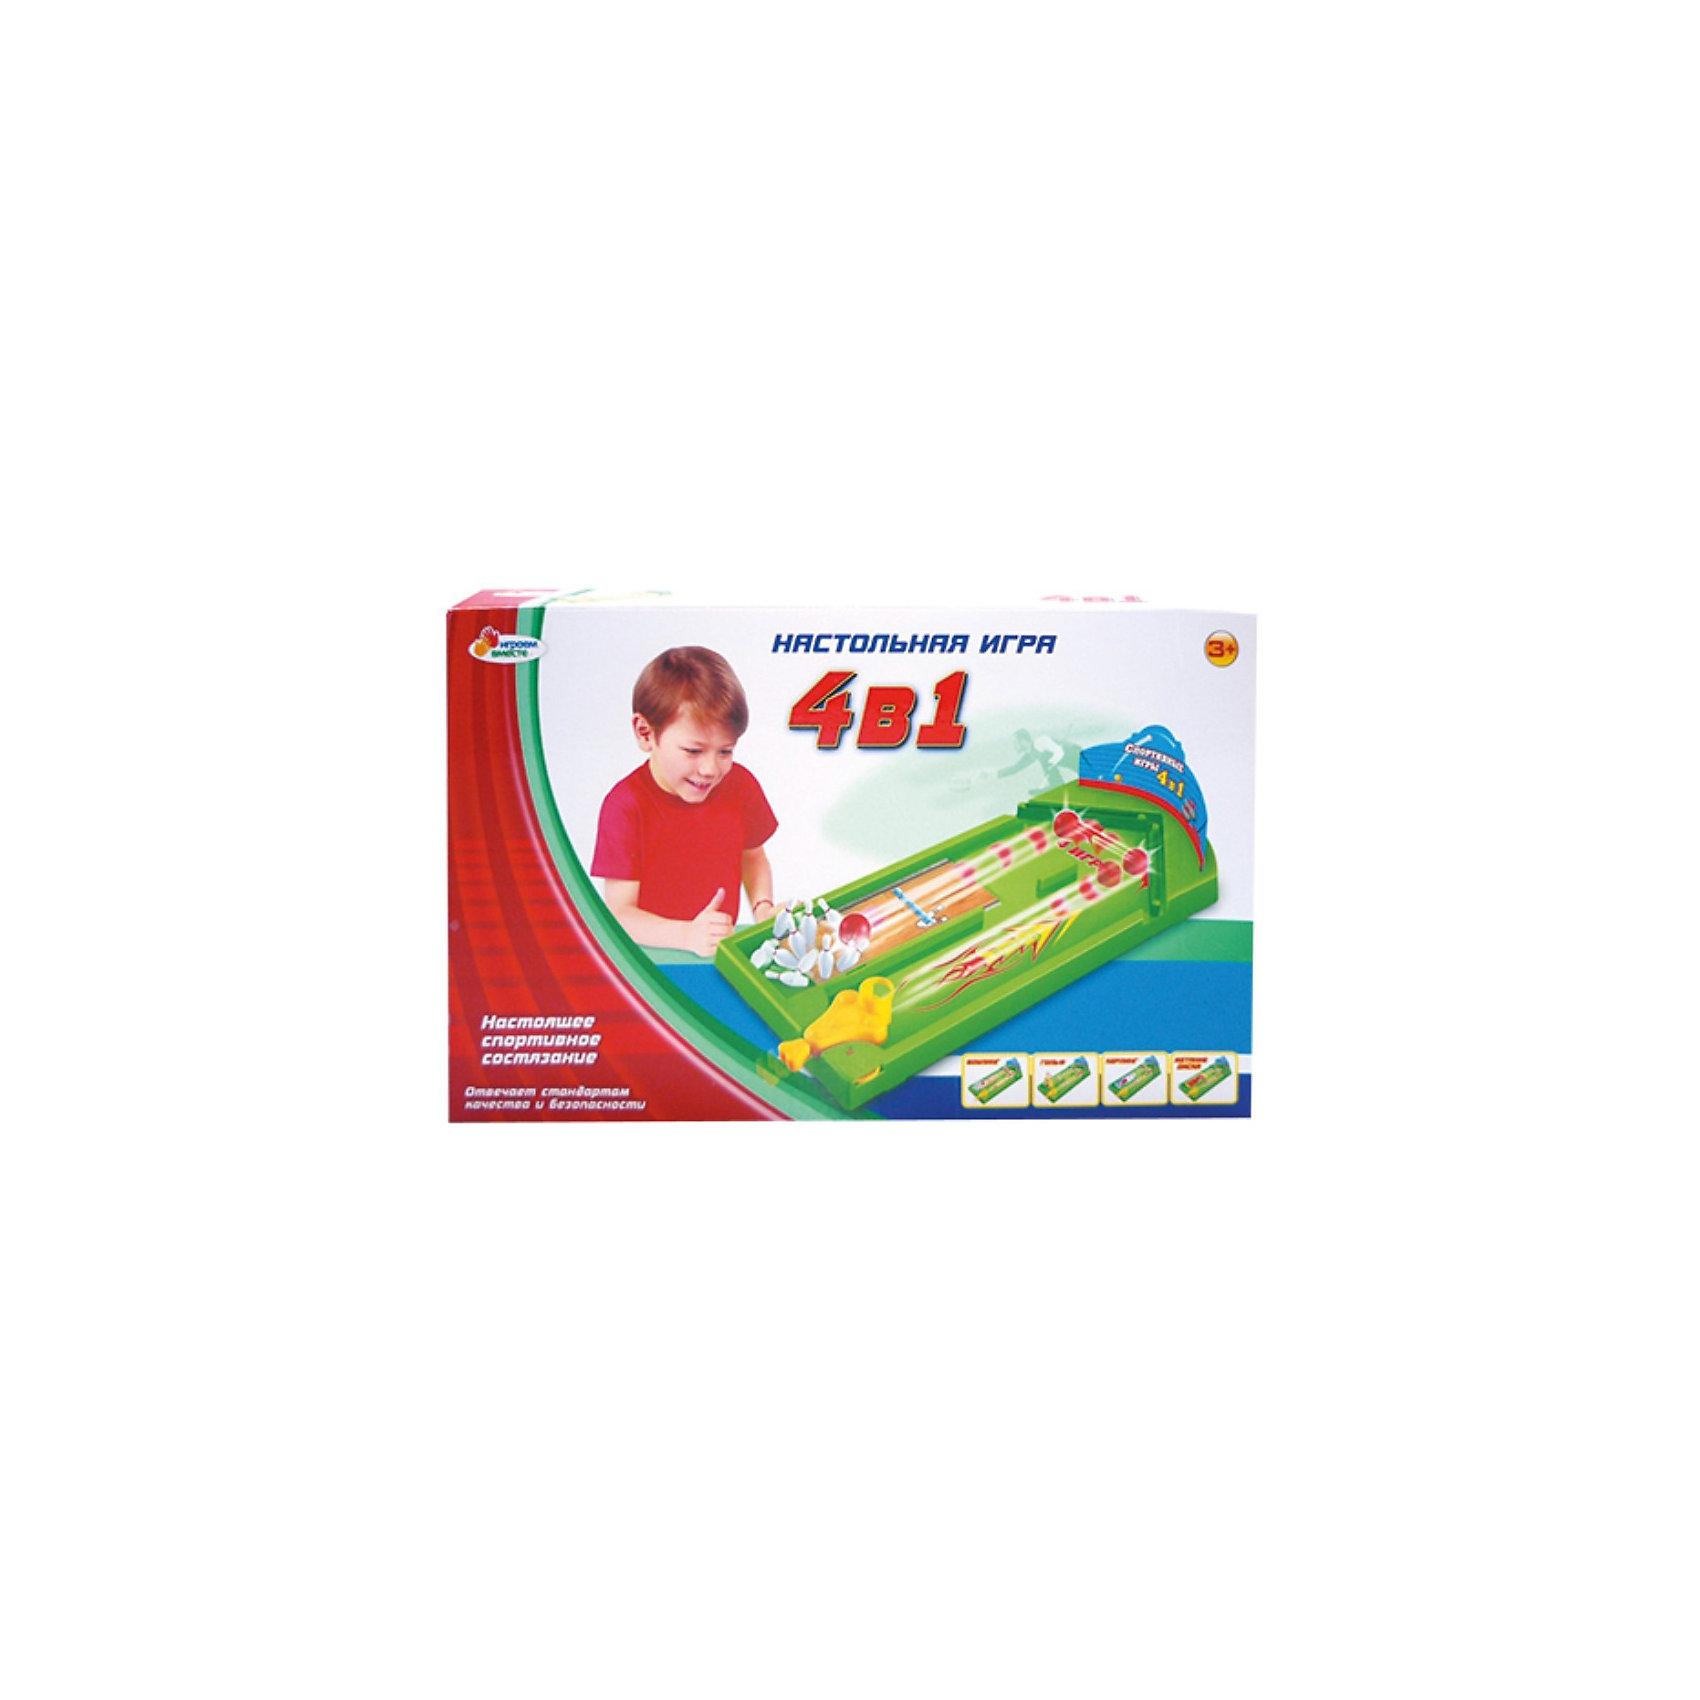 Настольная игра  4-в-1, Играем вместеНастольная игра  4-в-1, Играем вместе – это веселая игра, не даст скучать вашим детям, и позволит весело провести время!<br>Настольная игра предлагающая сыграть в 4 разные игры: боулинг, гольф, керлинг, метание диска. Игры могут использоваться как в домашних условиях, так и в детских учреждениях. Эти динамичные игры, способны разнообразить досуг вашего ребенка. Игрушка отвечает стандартам качества и безопасности.<br><br>Дополнительная информация:<br><br>- В наборе: набор для игры в гольф, набор для игры в боулинг, набор для игры в керлинг, набор для игры в метание диска<br>- Материал: пластмасса<br>- Размер упаковки: 50 х 30 х 7 см.<br><br>Настольную игру  4-в-1, Играем вместе купить в нашем интернет-магазине.<br><br>Ширина мм: 490<br>Глубина мм: 290<br>Высота мм: 70<br>Вес г: 900<br>Возраст от месяцев: 36<br>Возраст до месяцев: 60<br>Пол: Мужской<br>Возраст: Детский<br>SKU: 3804886